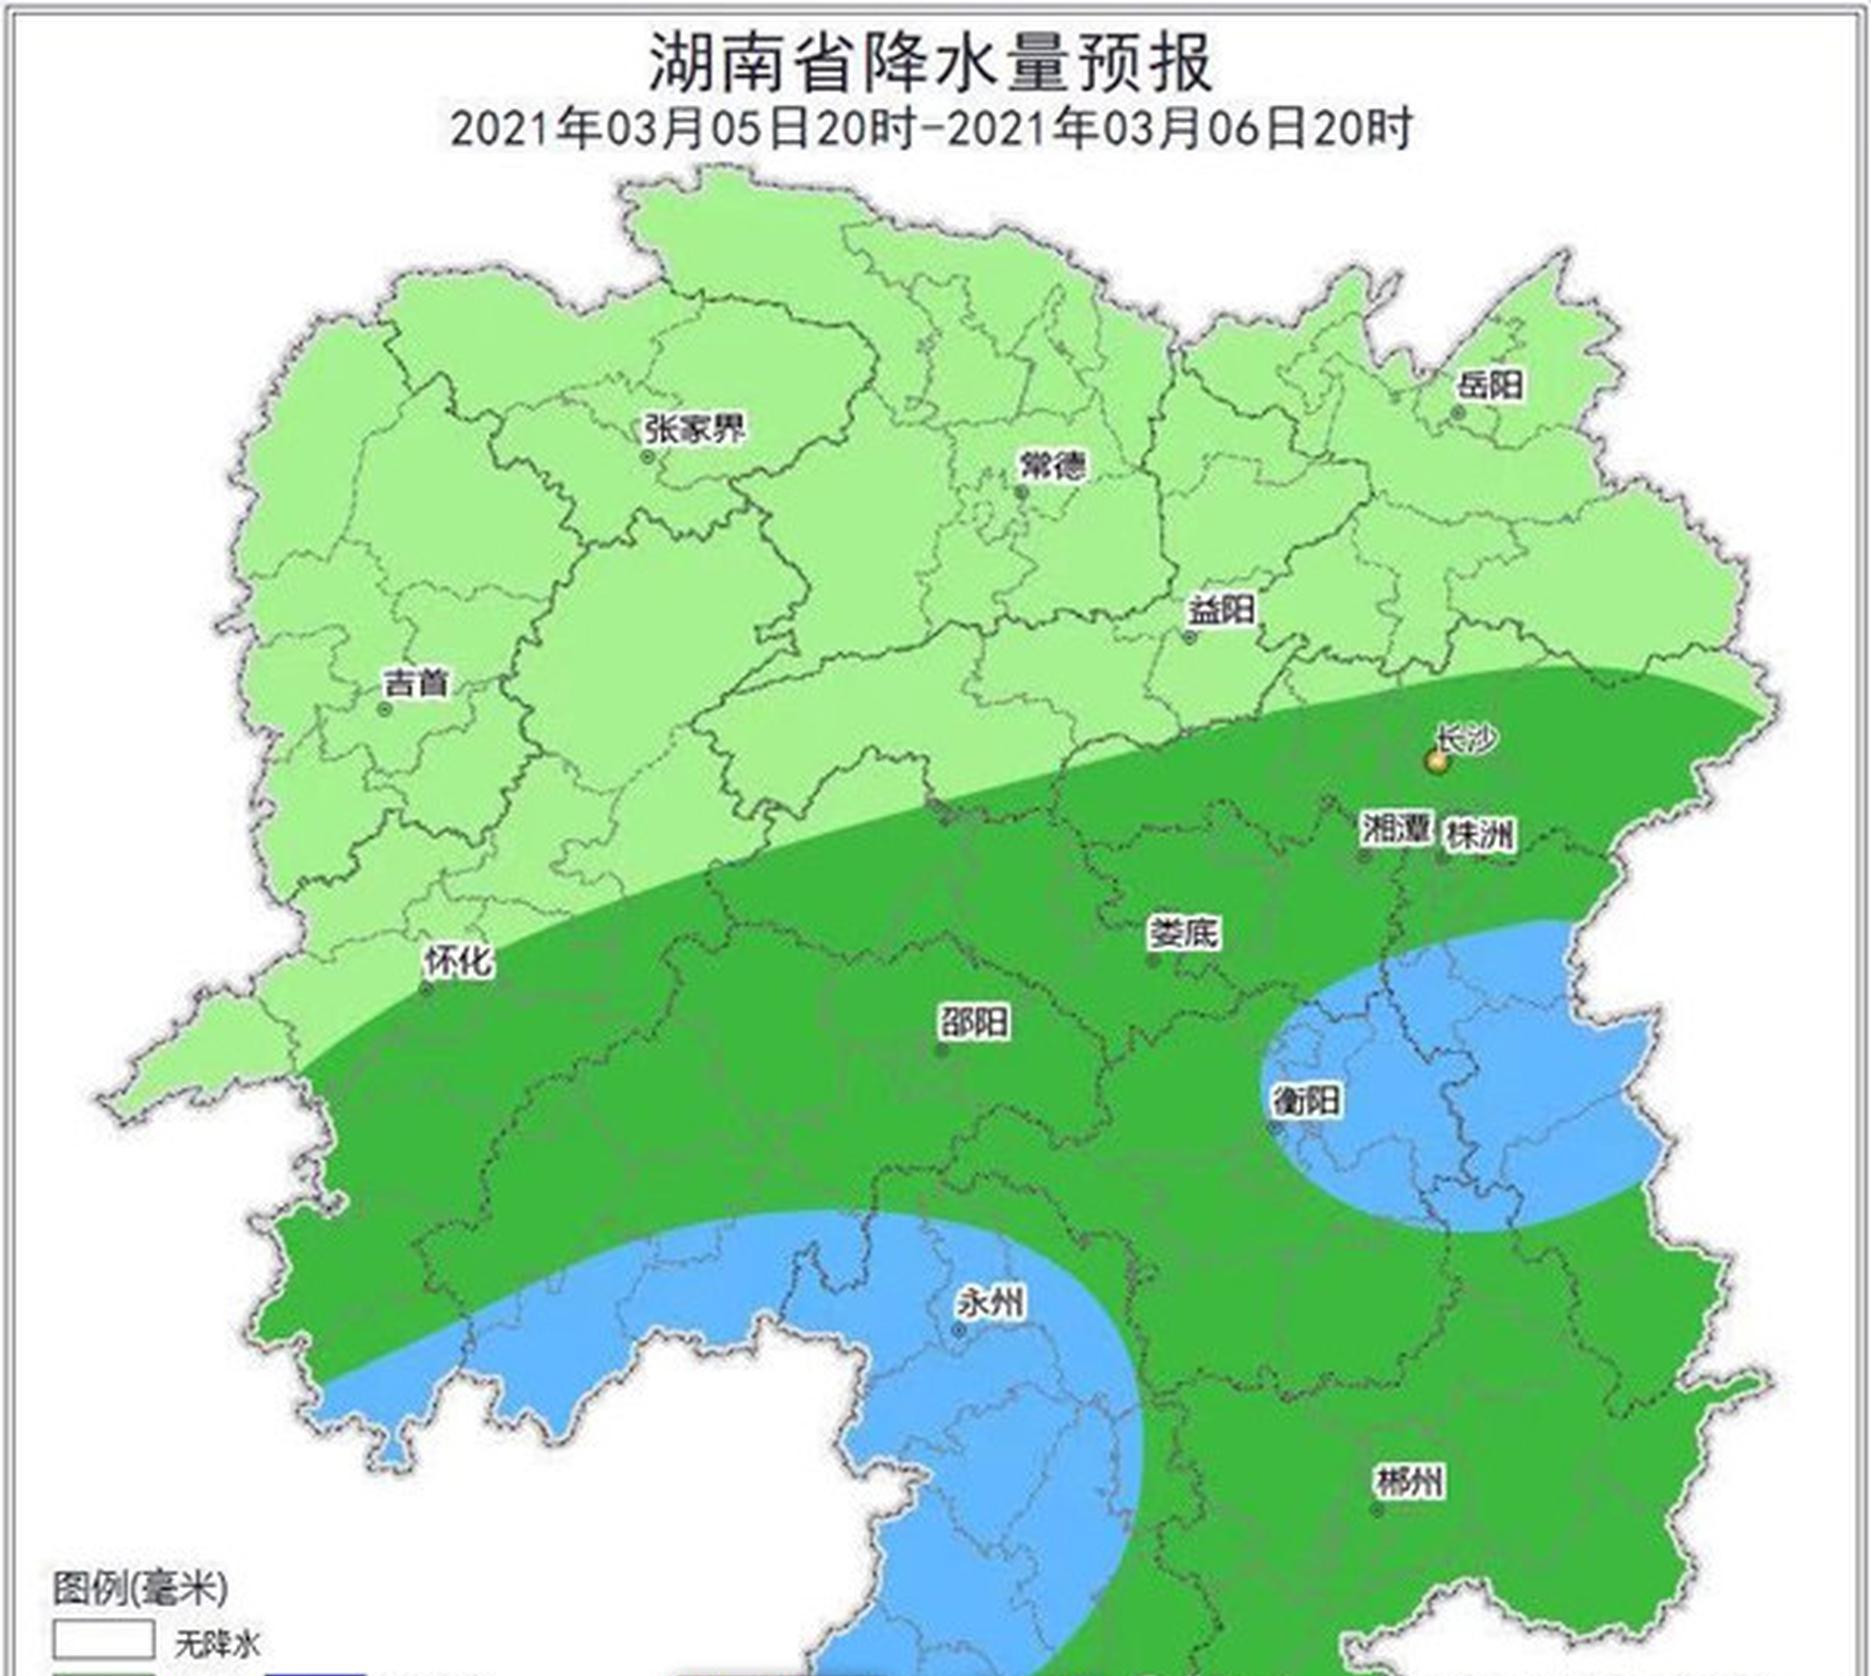 注意!湖南将现本年首次强对流天气,预计5日暴雨抵达湘南